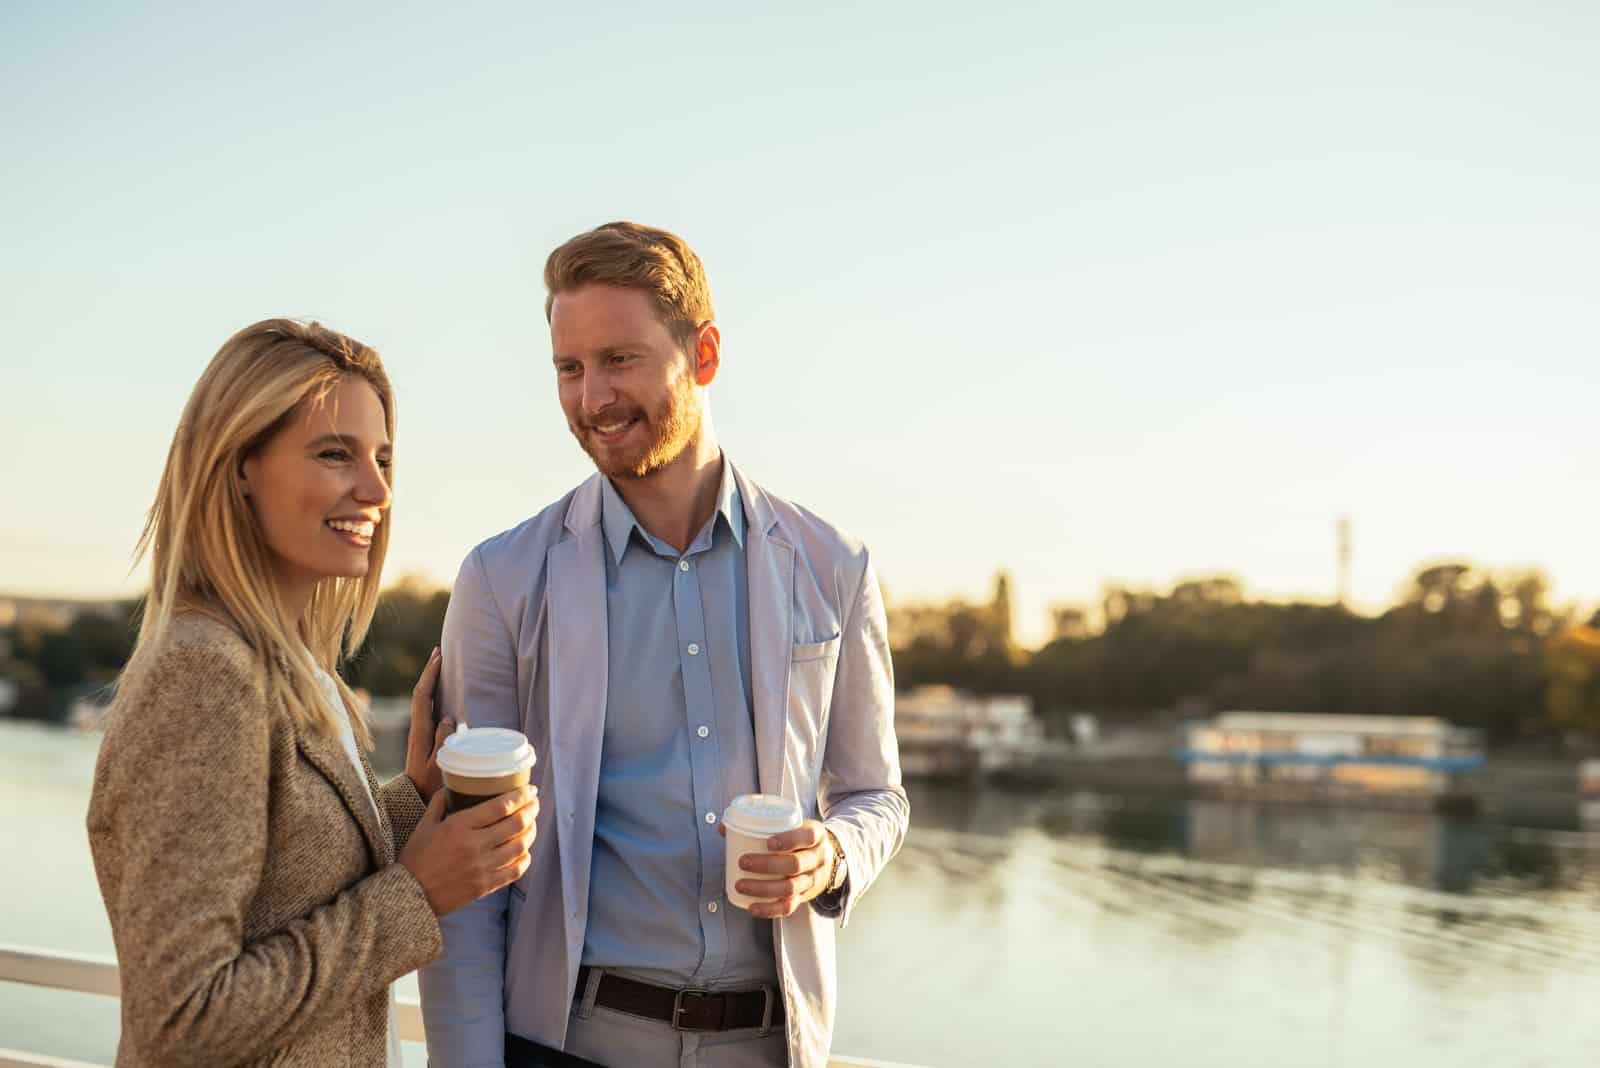 un homme et une femme se tiennent dehors et rient